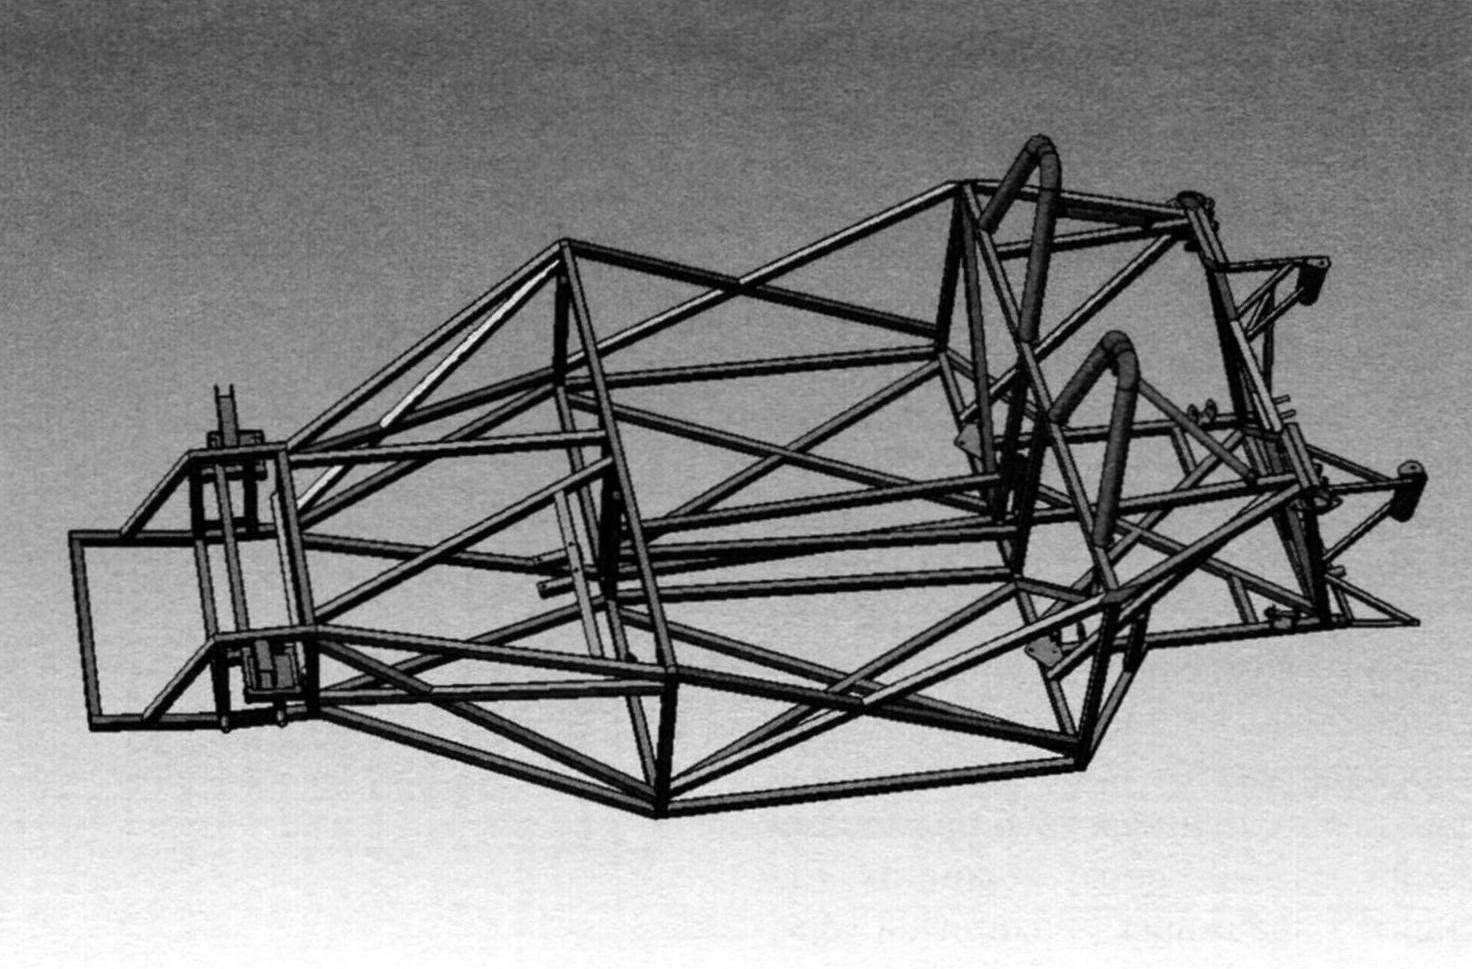 Рама: основные размеры и изображение 3D